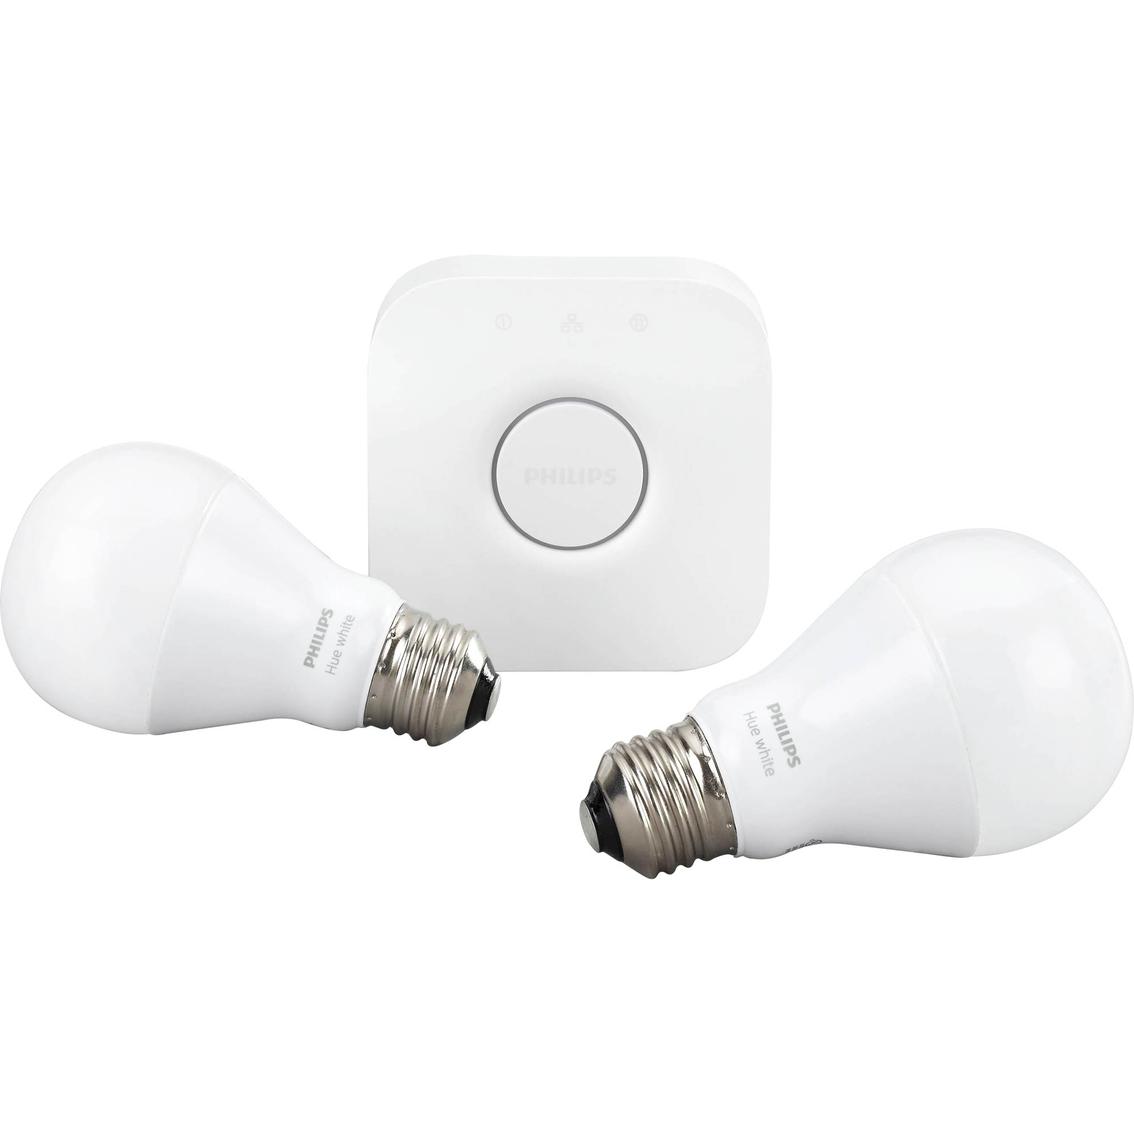 Philips Hue White Starter Kit Smart Energy Lighting Fluorescent Lamp Lights